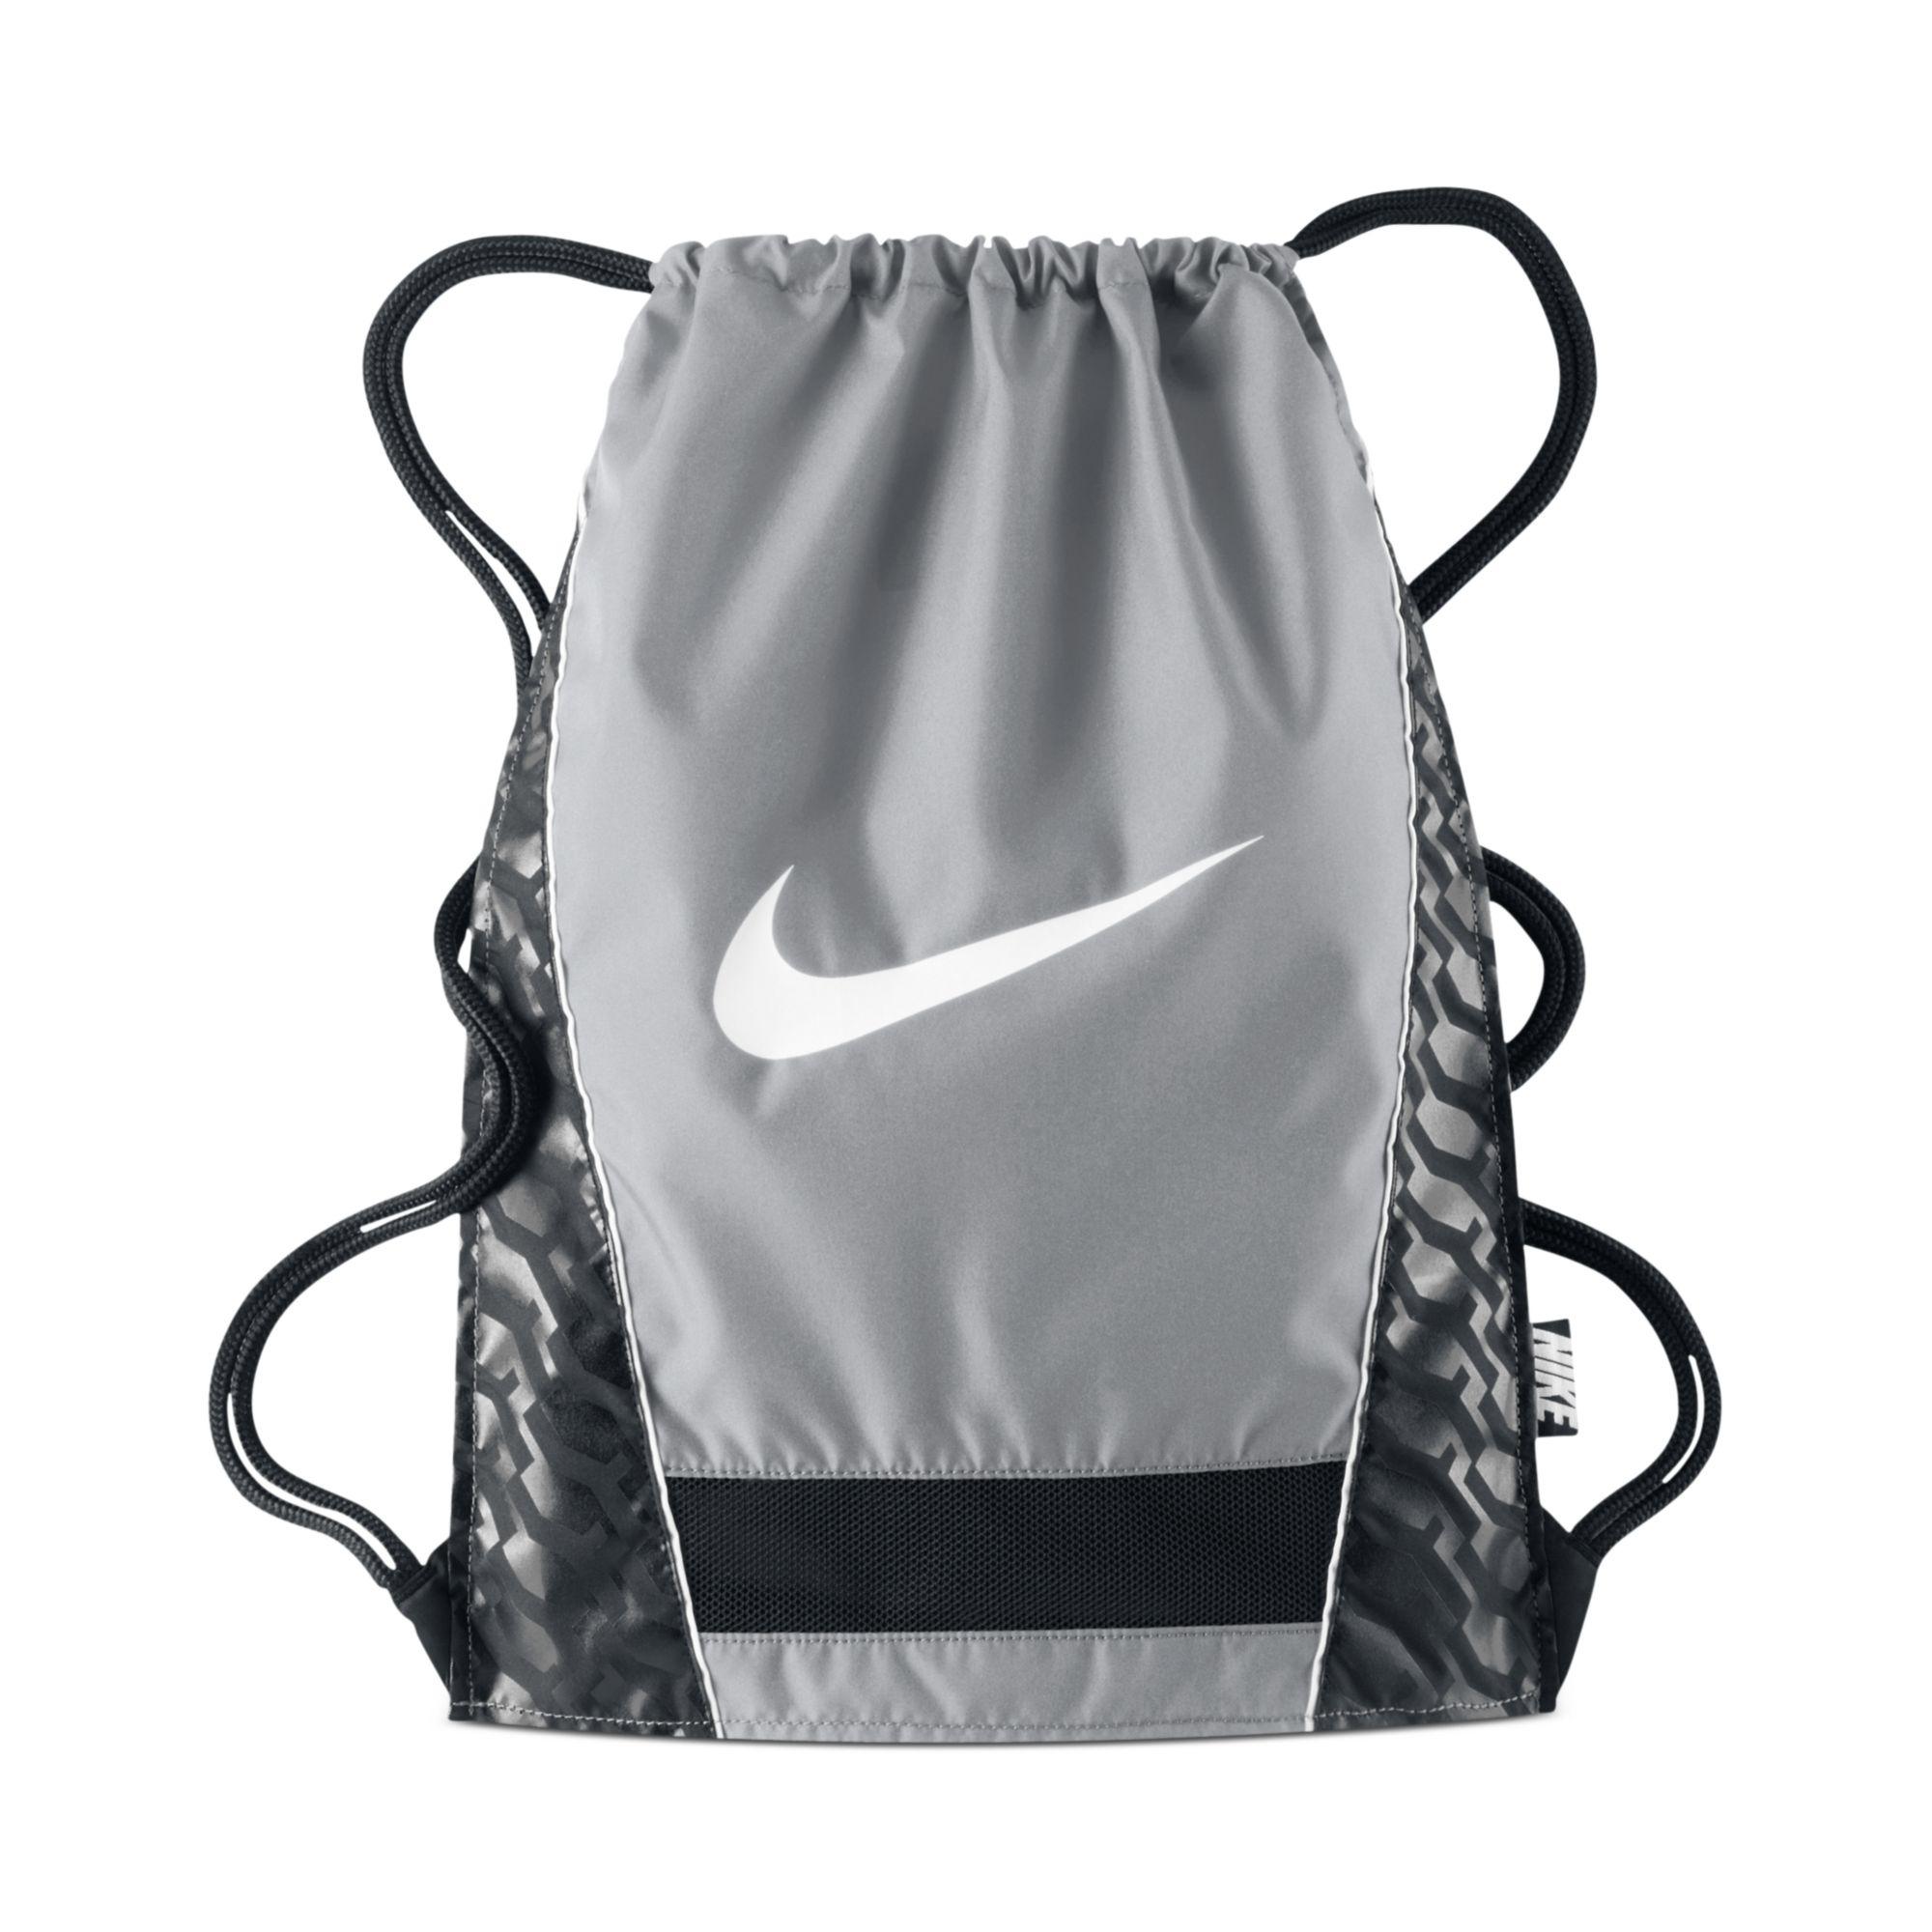 fd938e0fe4c6 Lyst - Nike Brasilia Gym Sack in Black for Men